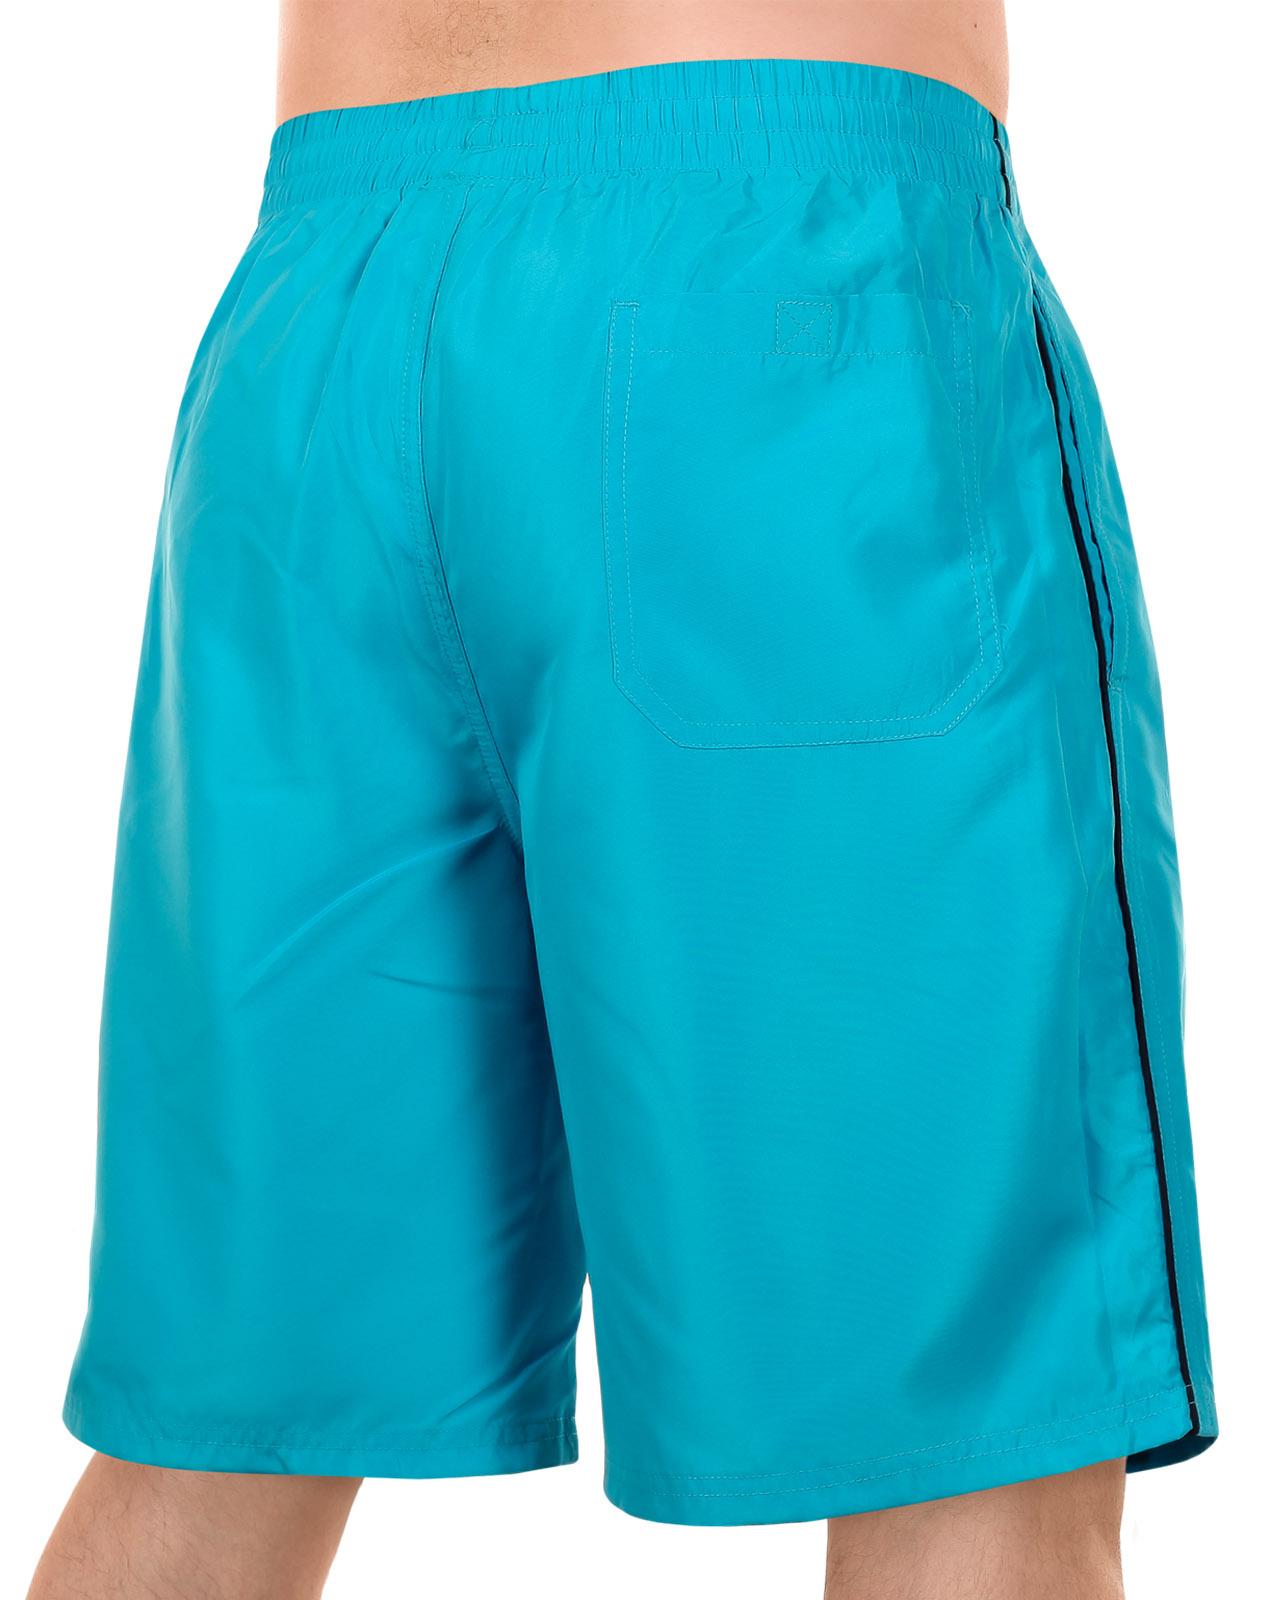 Мужские шорты для отдыха на морском побережье от MACE по лучшей цене